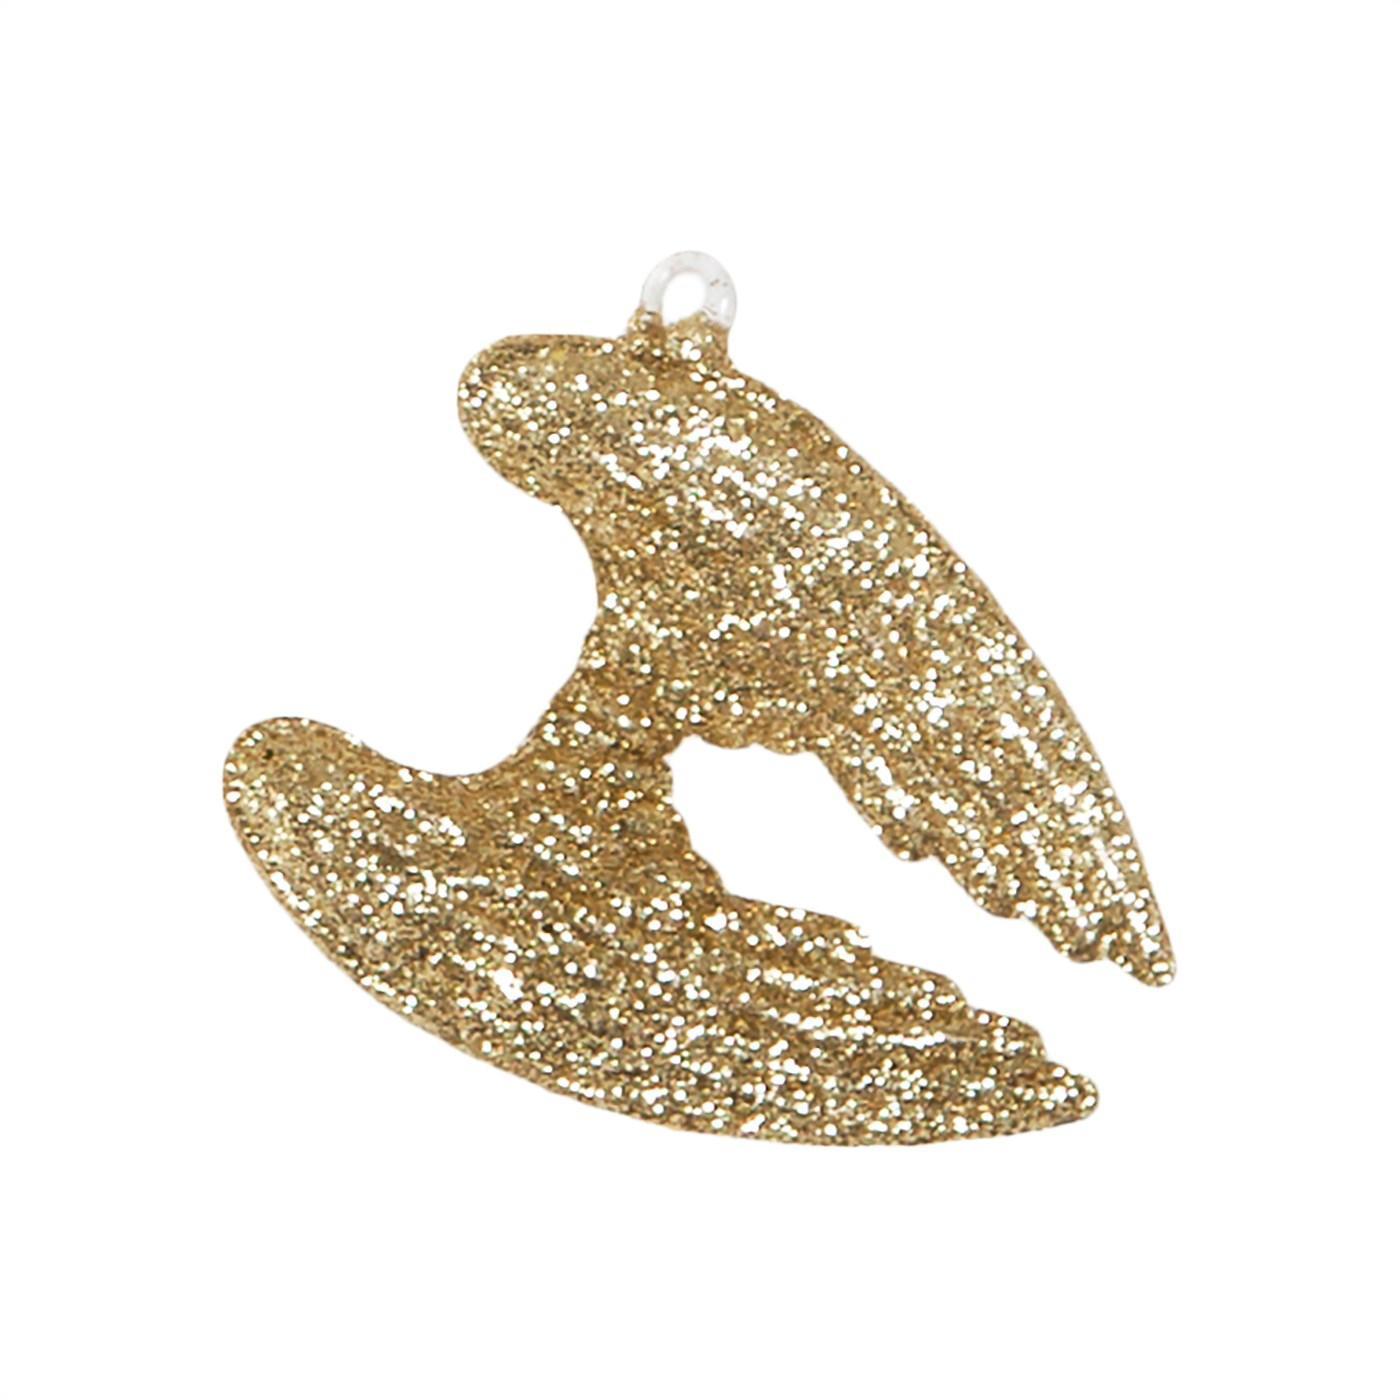 sass & belle Závěsná vánoční dekorace Glitter Wings, zlatá barva, sklo